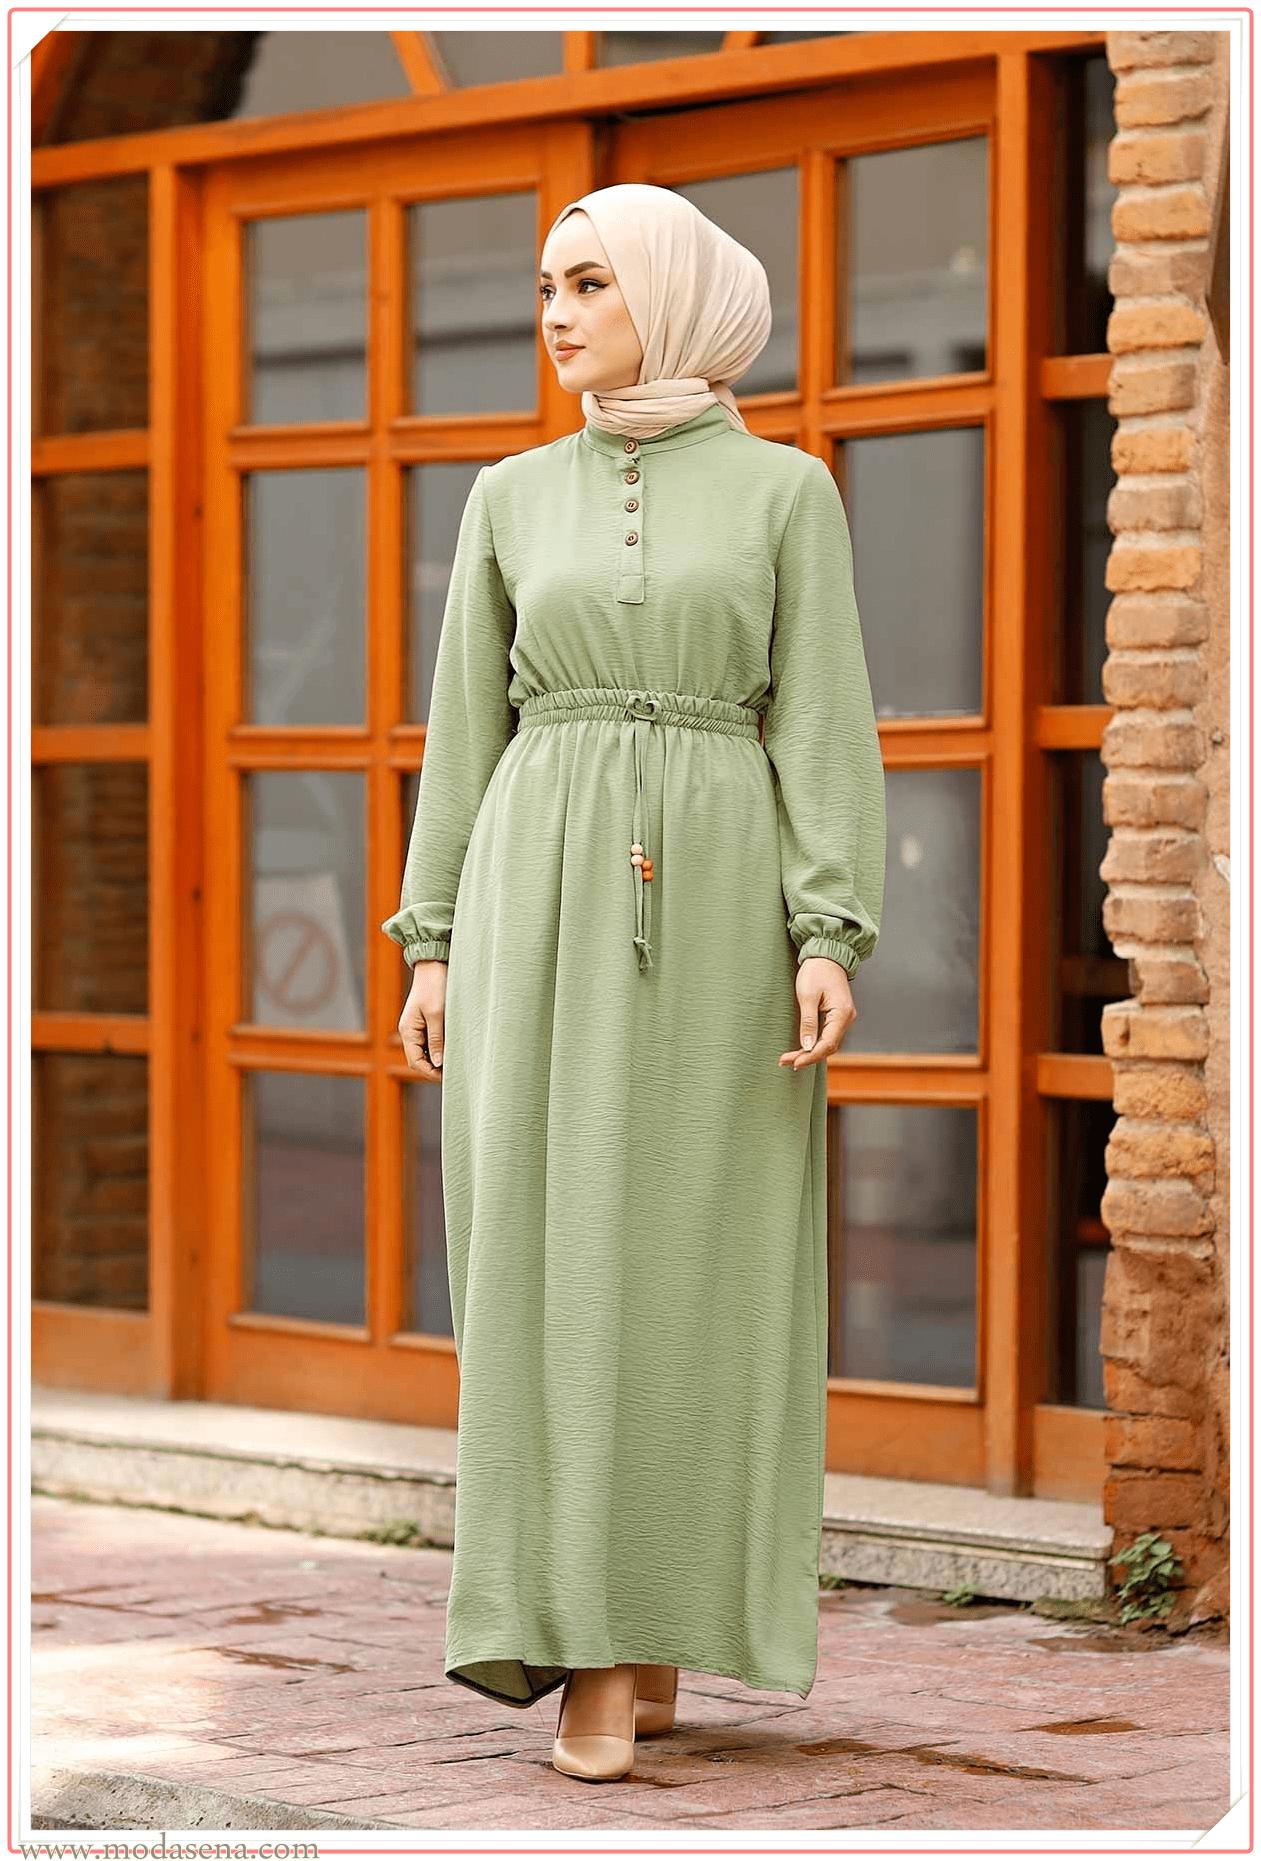 günlük tesettür elbise 2021,tesettür günlük elbise 2021,günlük elbise tesettür 2021,tesettür elbise günlük,günlük elbise modelleri tesettür 2021,kadın tesettür günlük elbise 2021